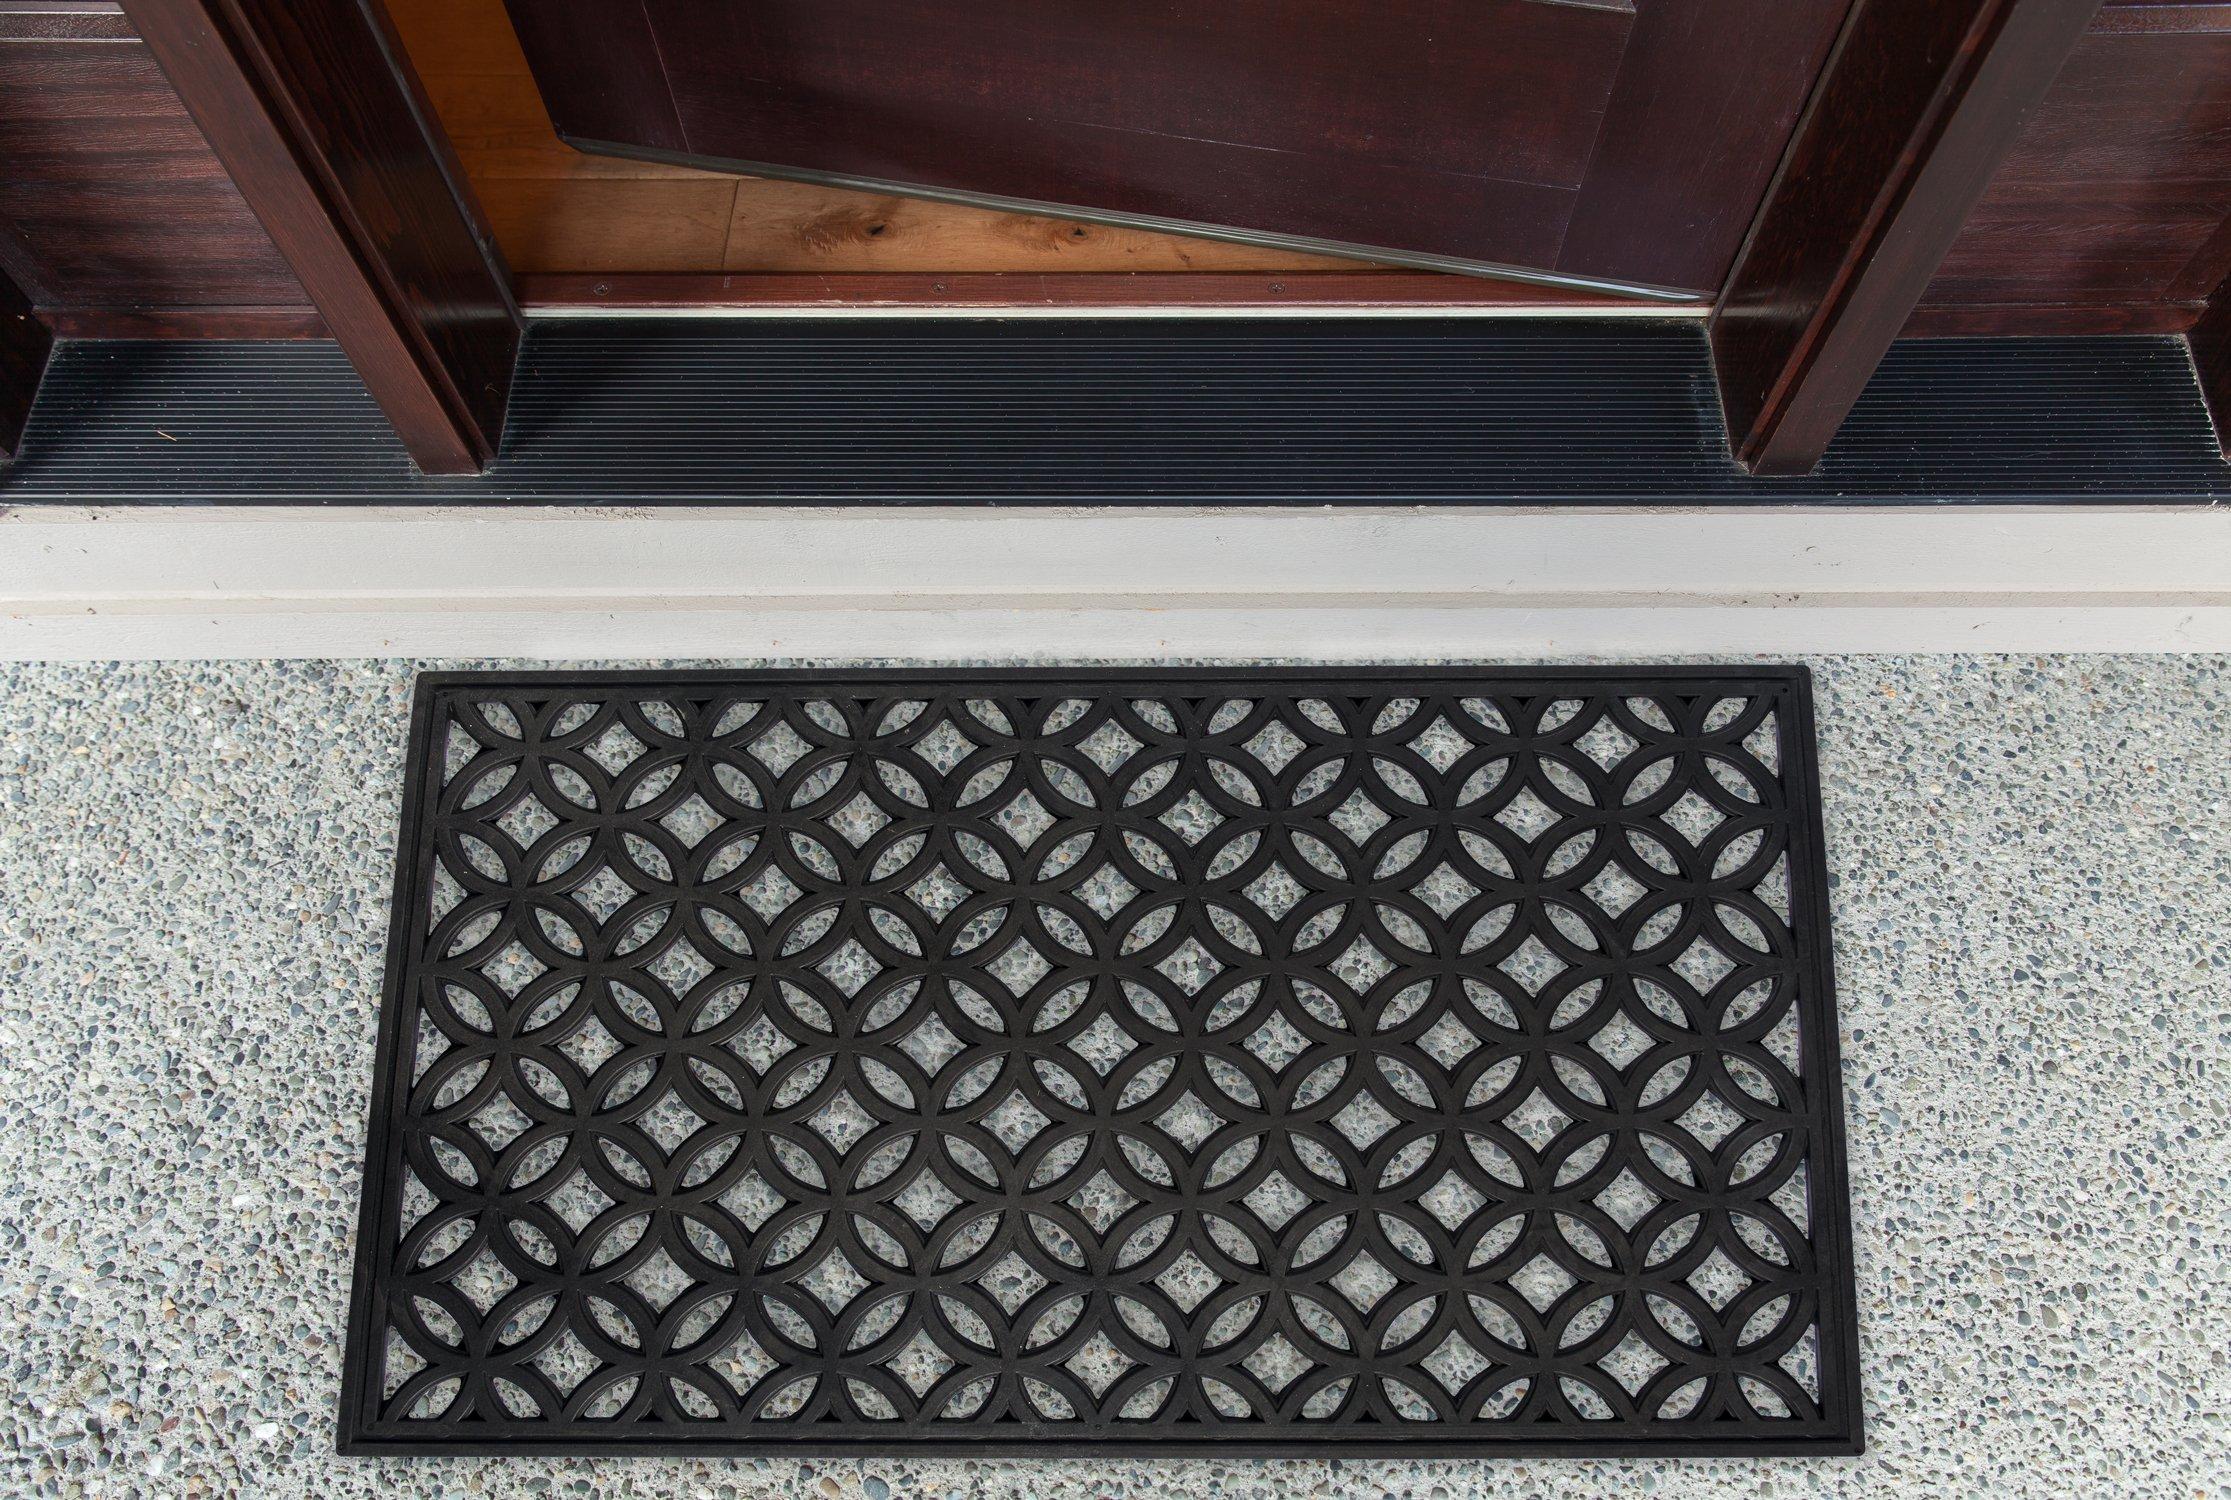 mats high outdoor h w x doormatsmodern rugs state ipad modern doormat mat stylish exterior doormats resolutions river garden tablets black wallpaper post definition stone door hd